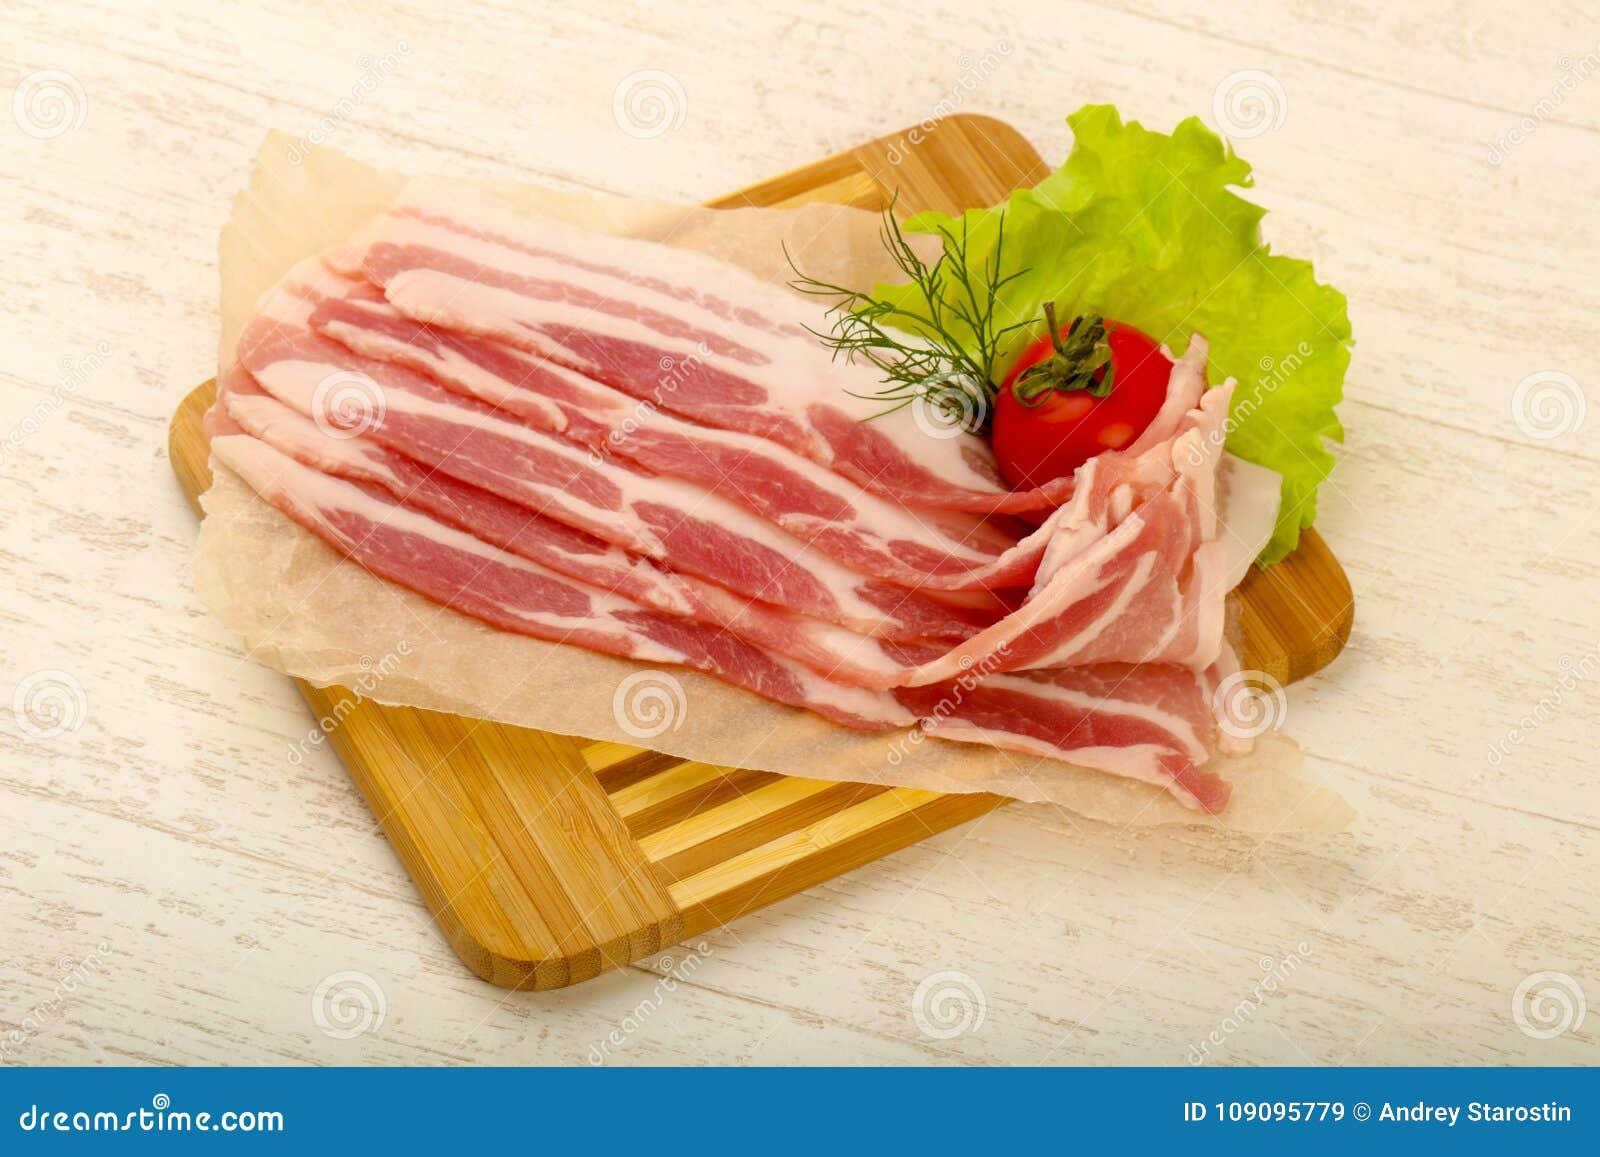 Rå bacon